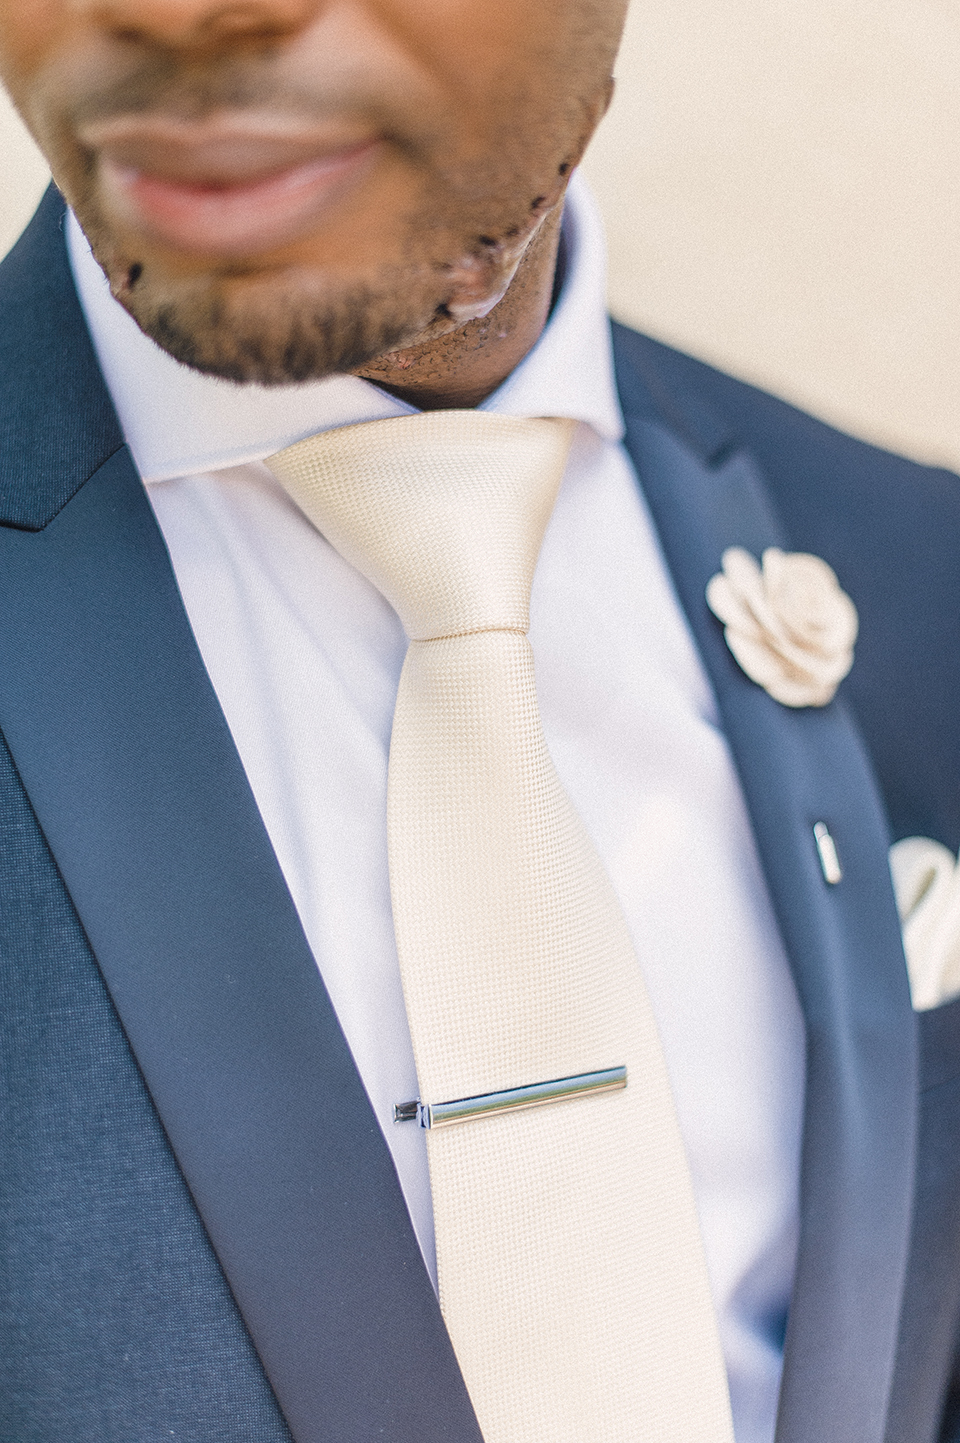 RyanParker_WeddingPhotographer_FineArt_CapeTown_Johannesburg_Hermanus_Avianto_T&L_DSC_8599.jpg